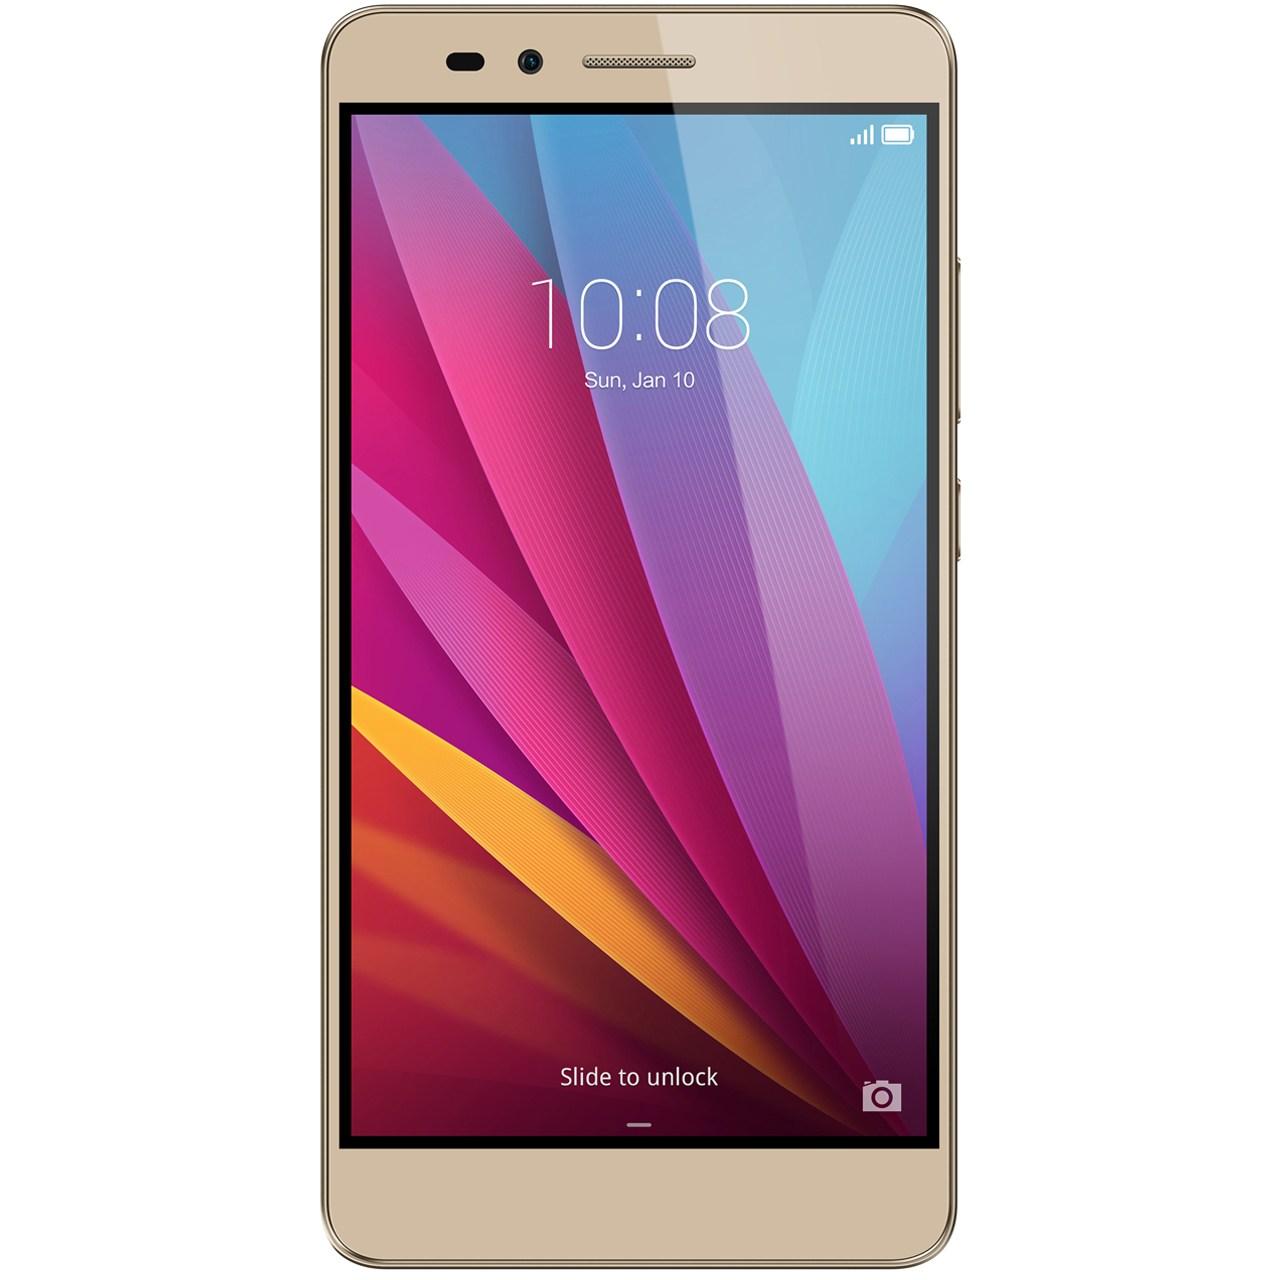 گوشی موبایل آنر مدل 5X KIW-L21 دو سیمکارت